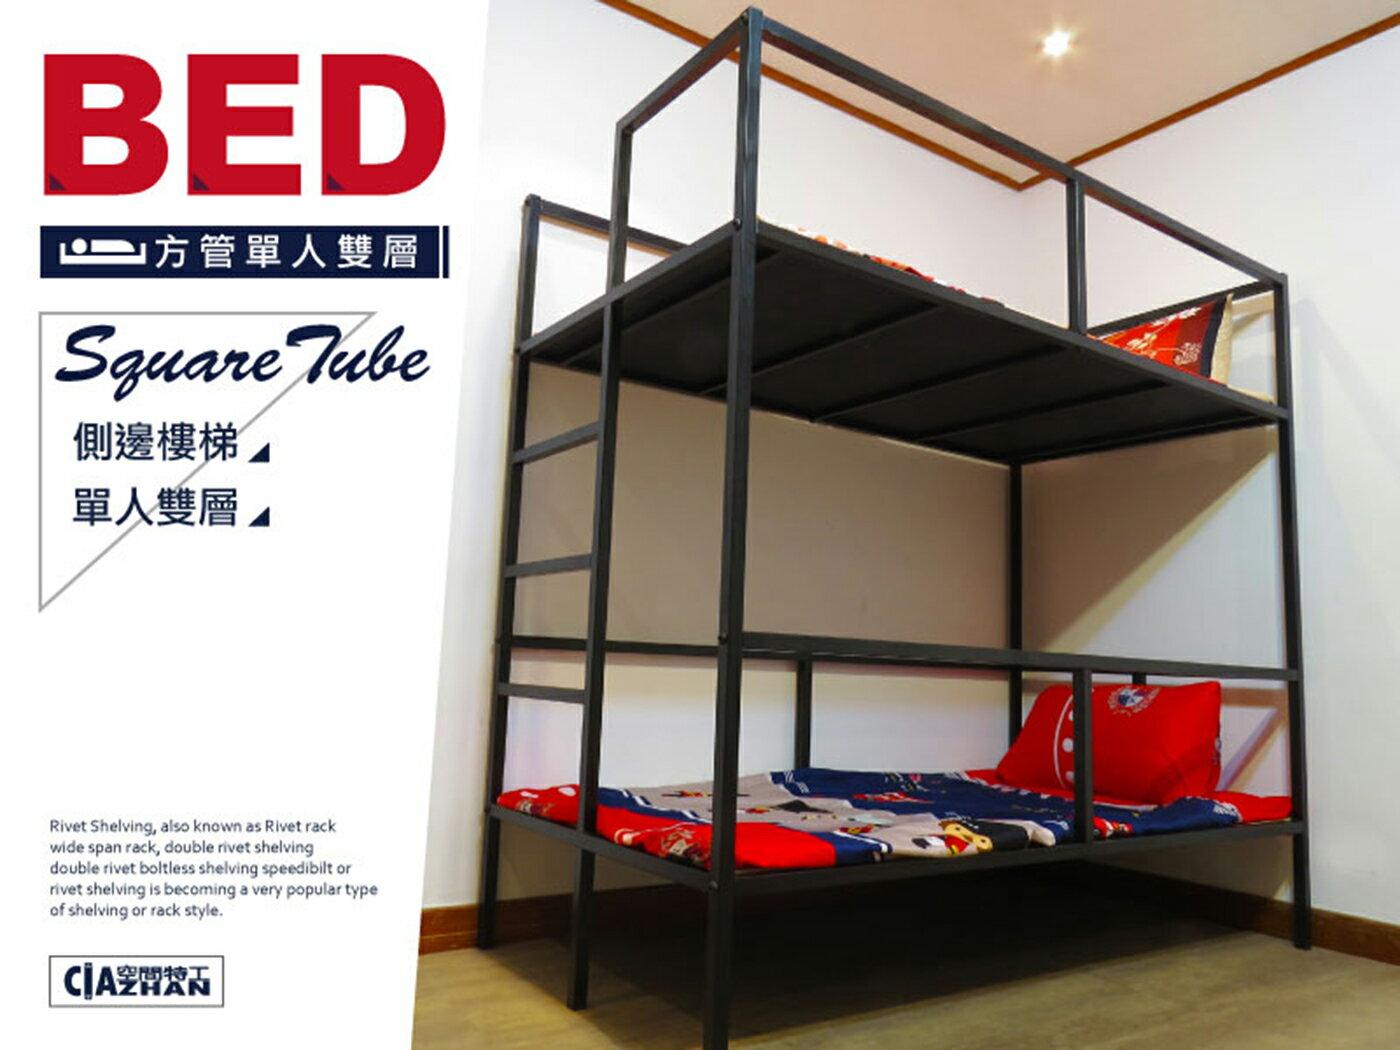 【全新有現貨】?空間特工?3尺單人雙層床架 側邊樓梯 雙人床 上下床 組合床 床組